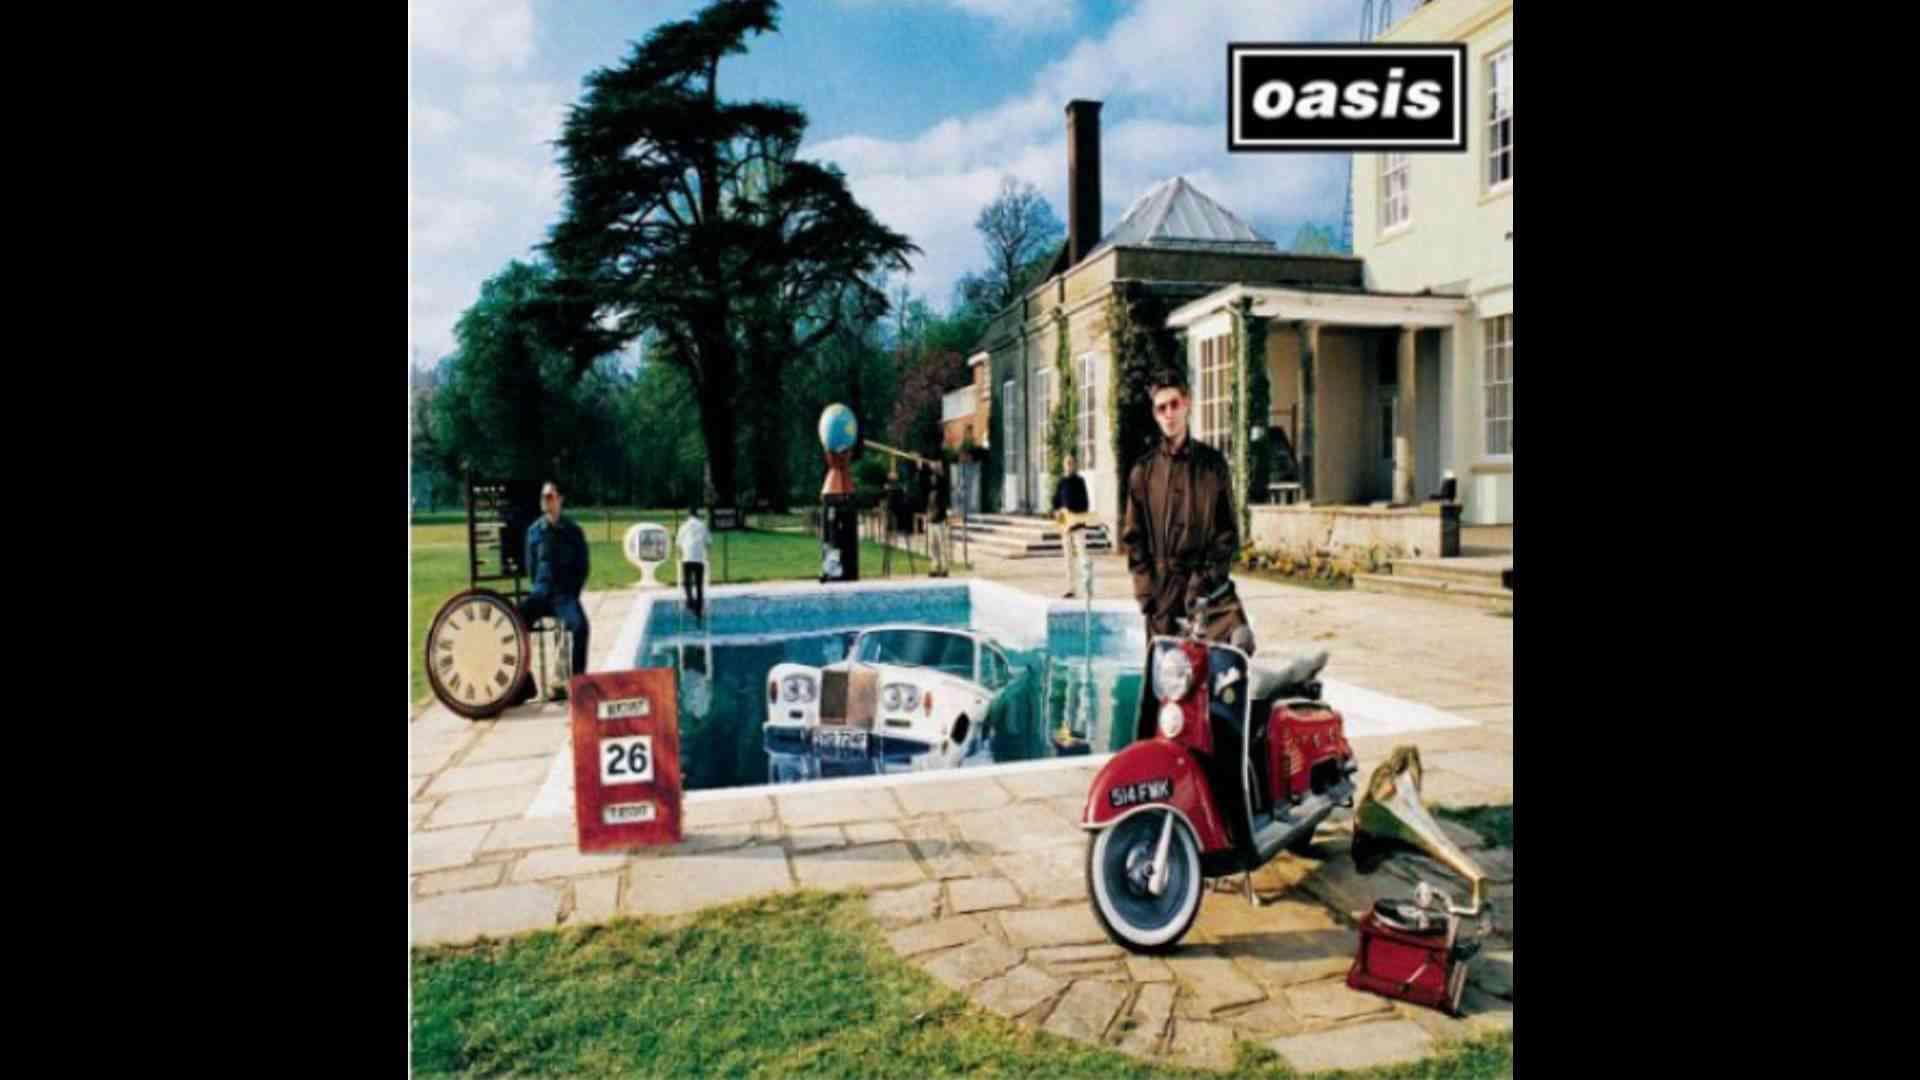 oasis - i hope, i think, i know - YouTube